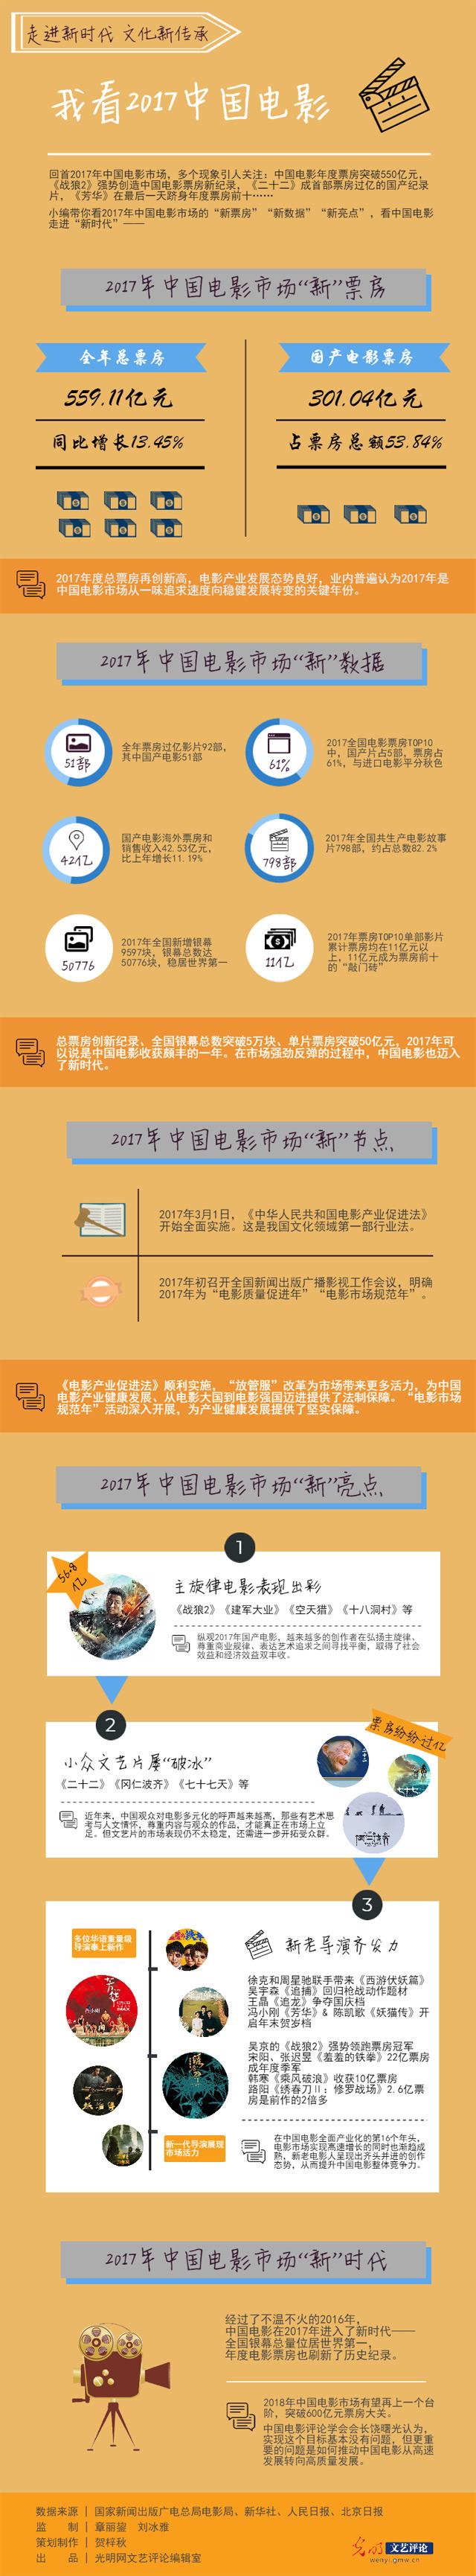 【走进新时代 文化新传承】我看2017中国电影